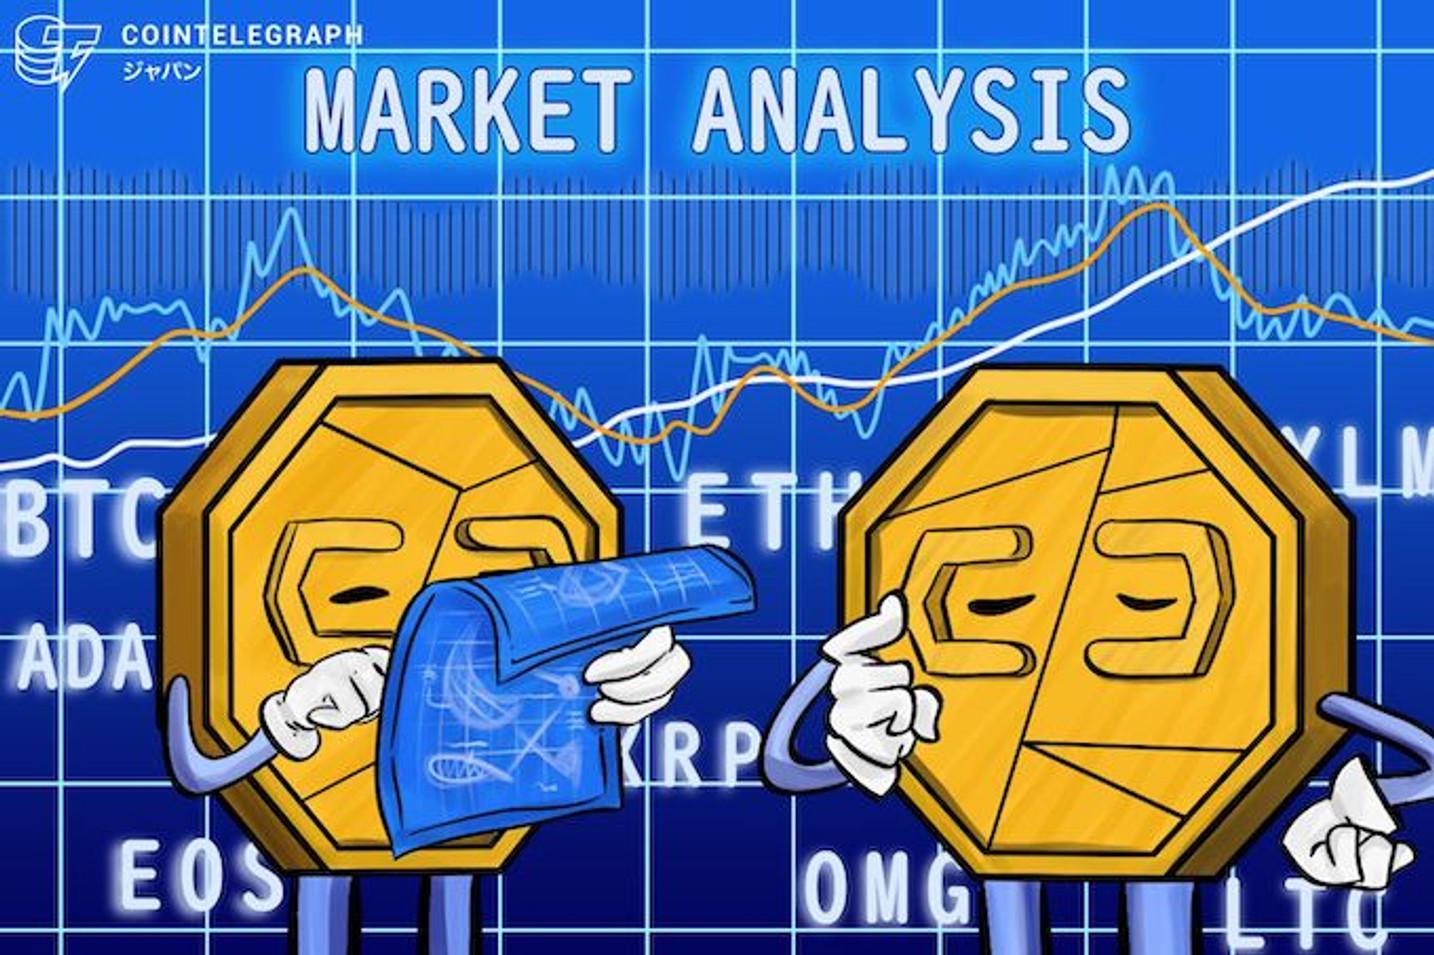 ビットコイン相場は方向感に欠ける展開、L/S比率の変動に注意|仮想通貨相場市況(4月9日)